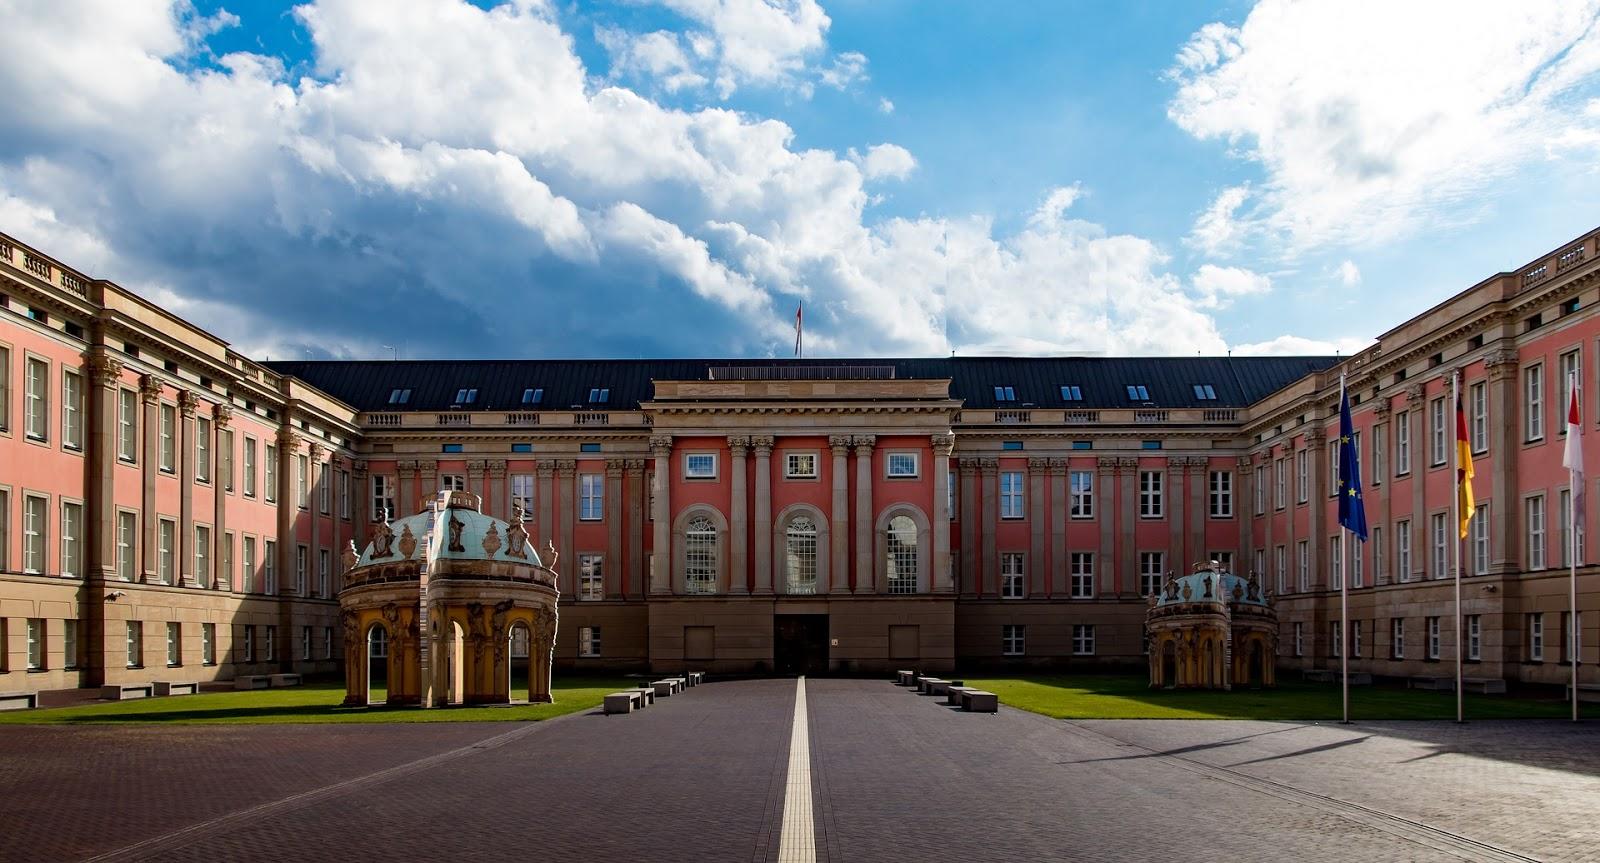 ブランデンブルク州議事堂の中庭、ドイツ・ポツダム